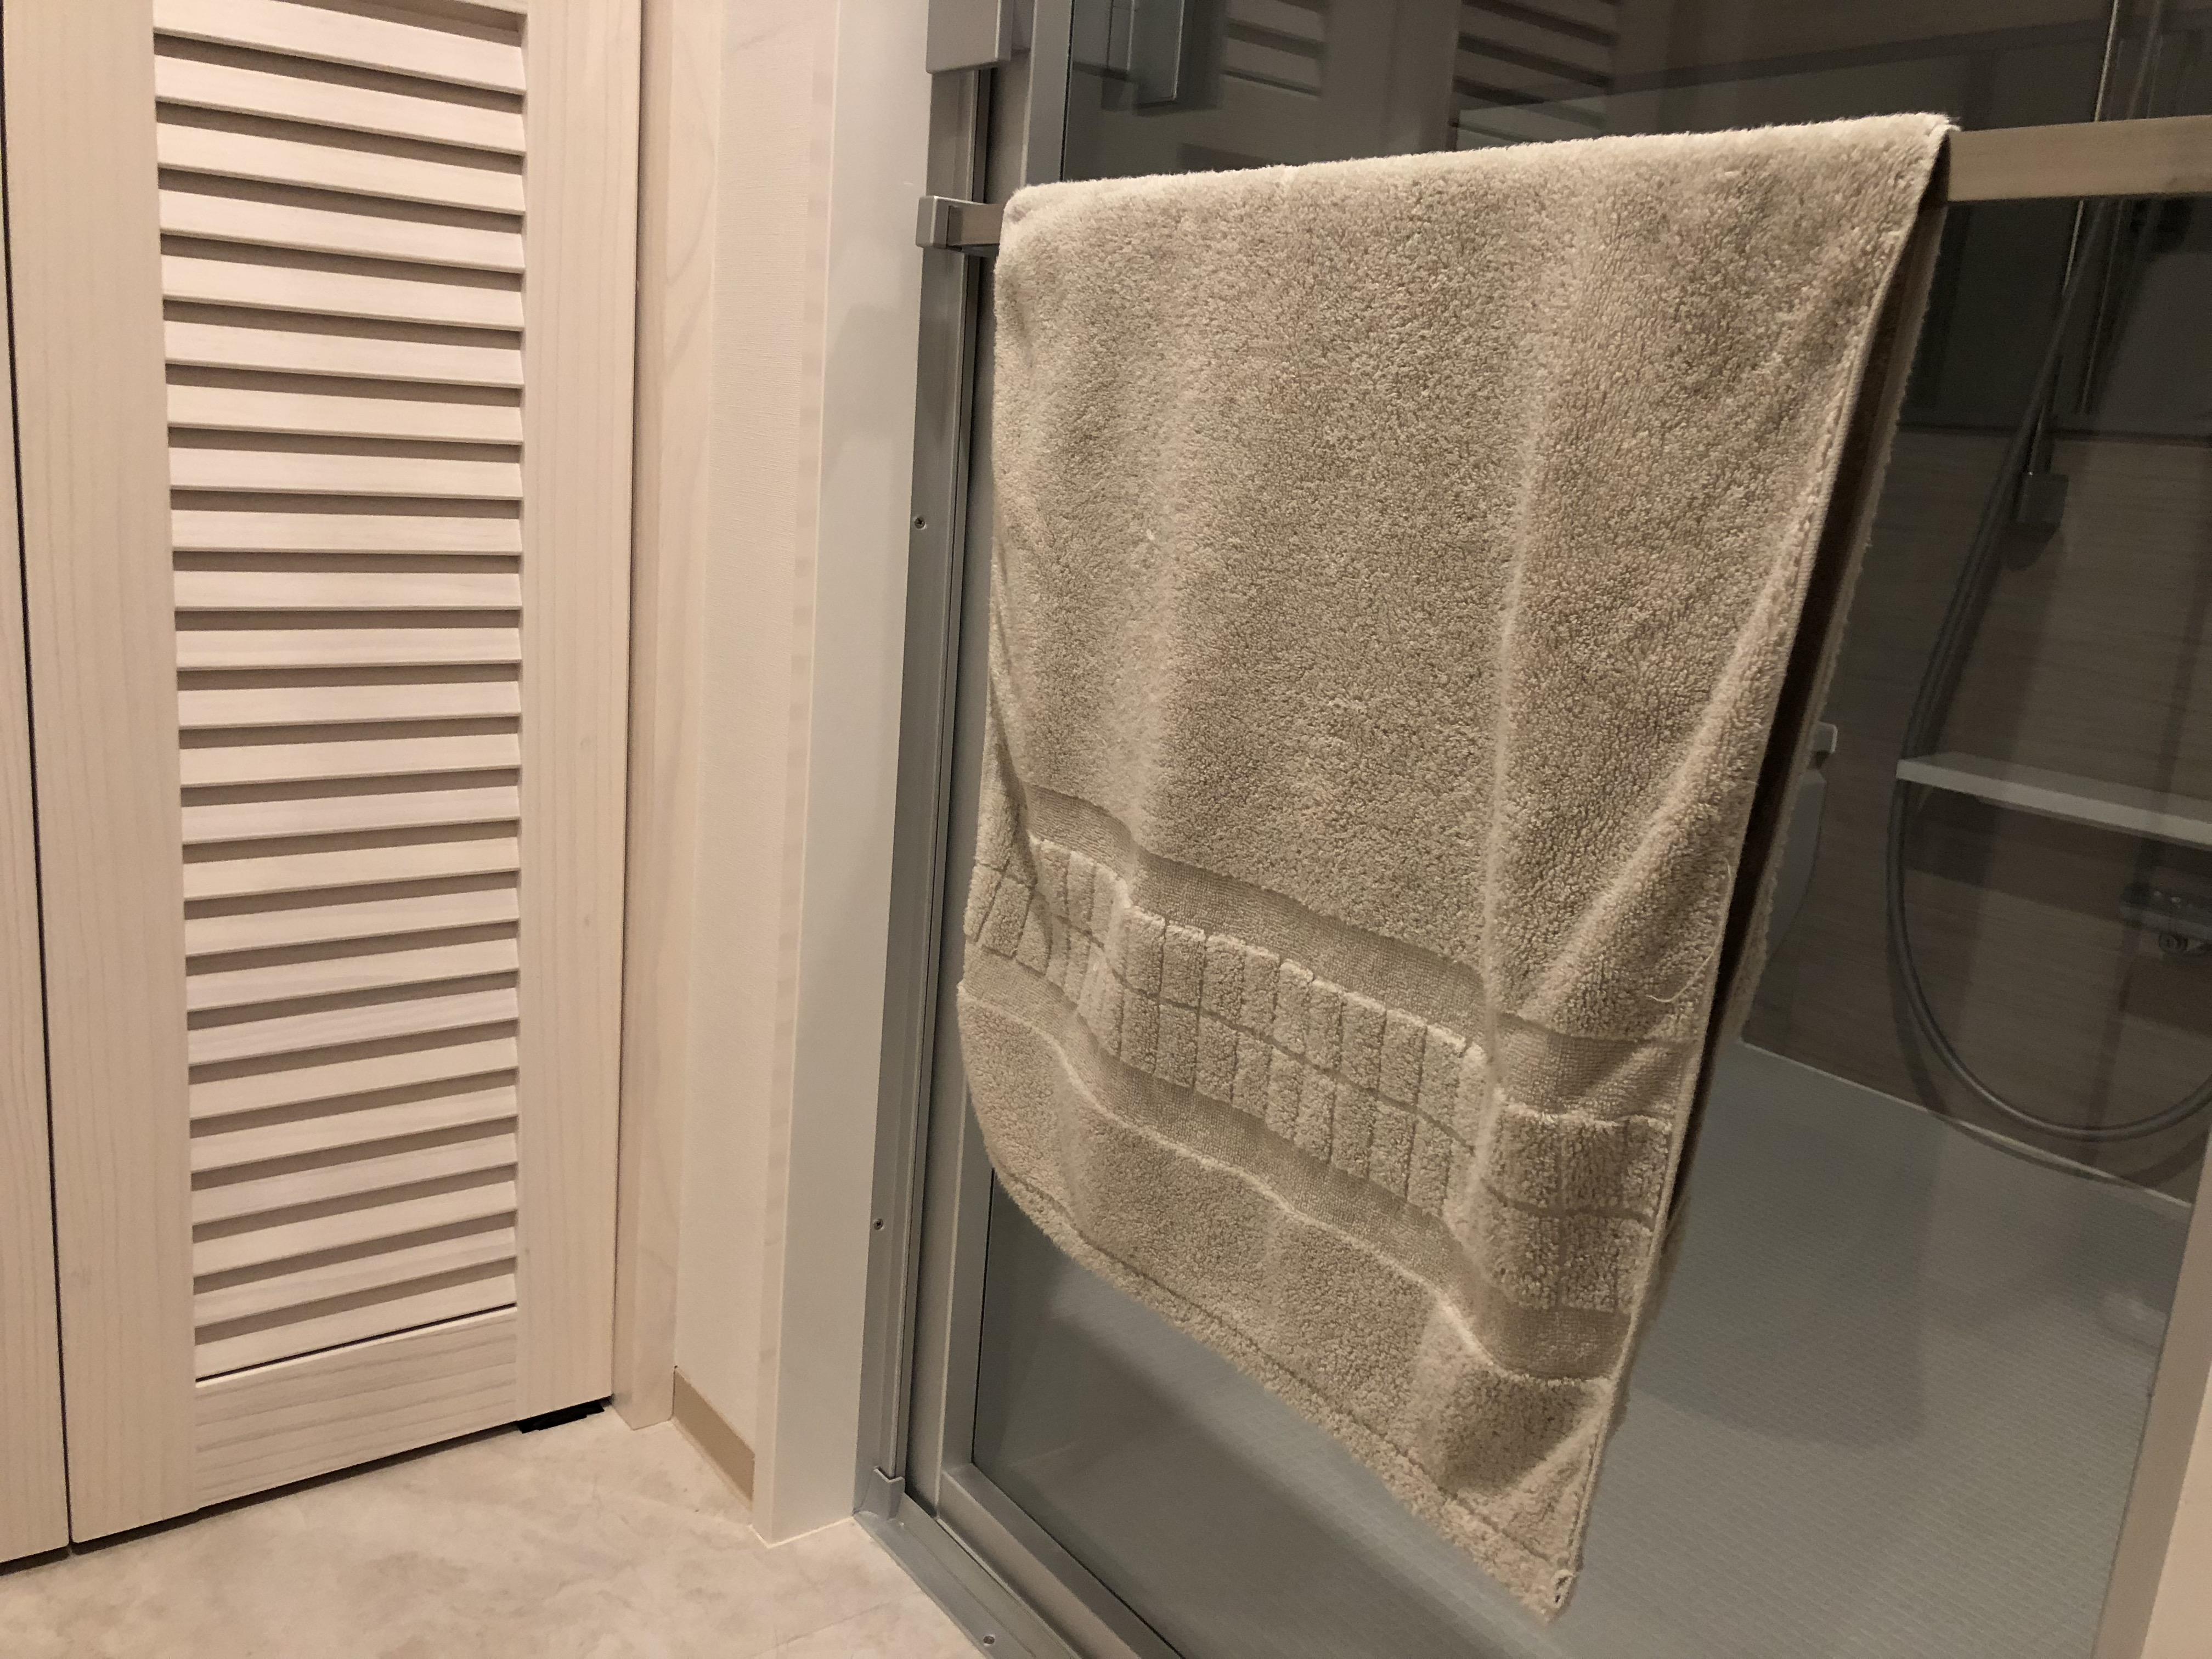 洗濯物が劇的に減る!バスタオルを変えるだけで洗濯のお悩み解消!